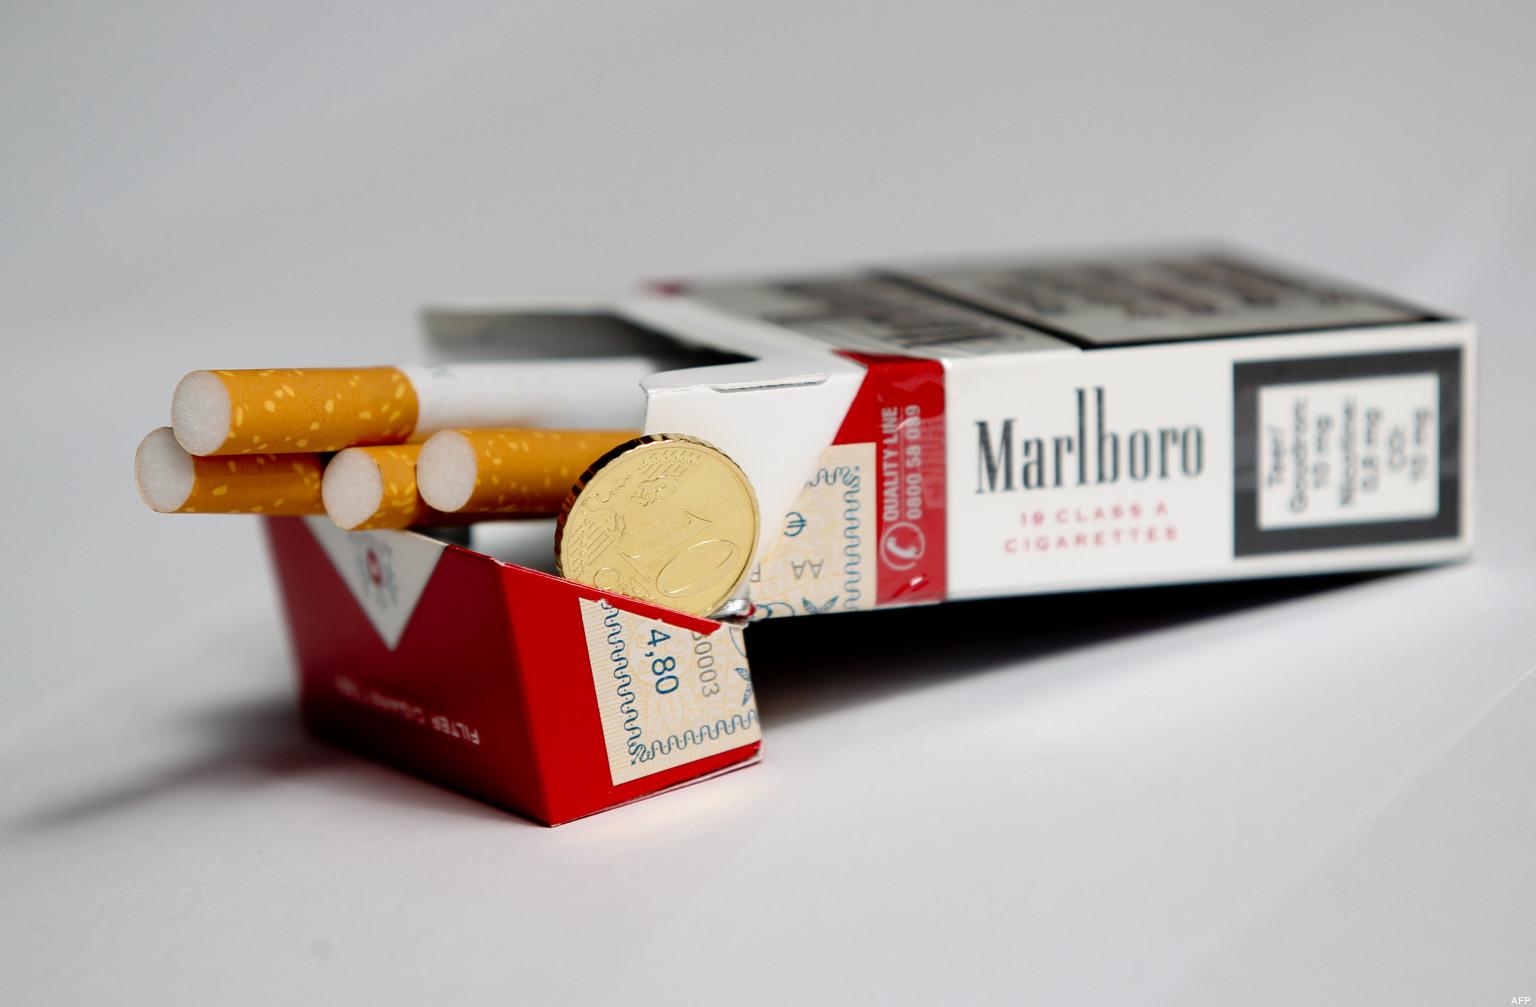 american cigarette native United Kingdom